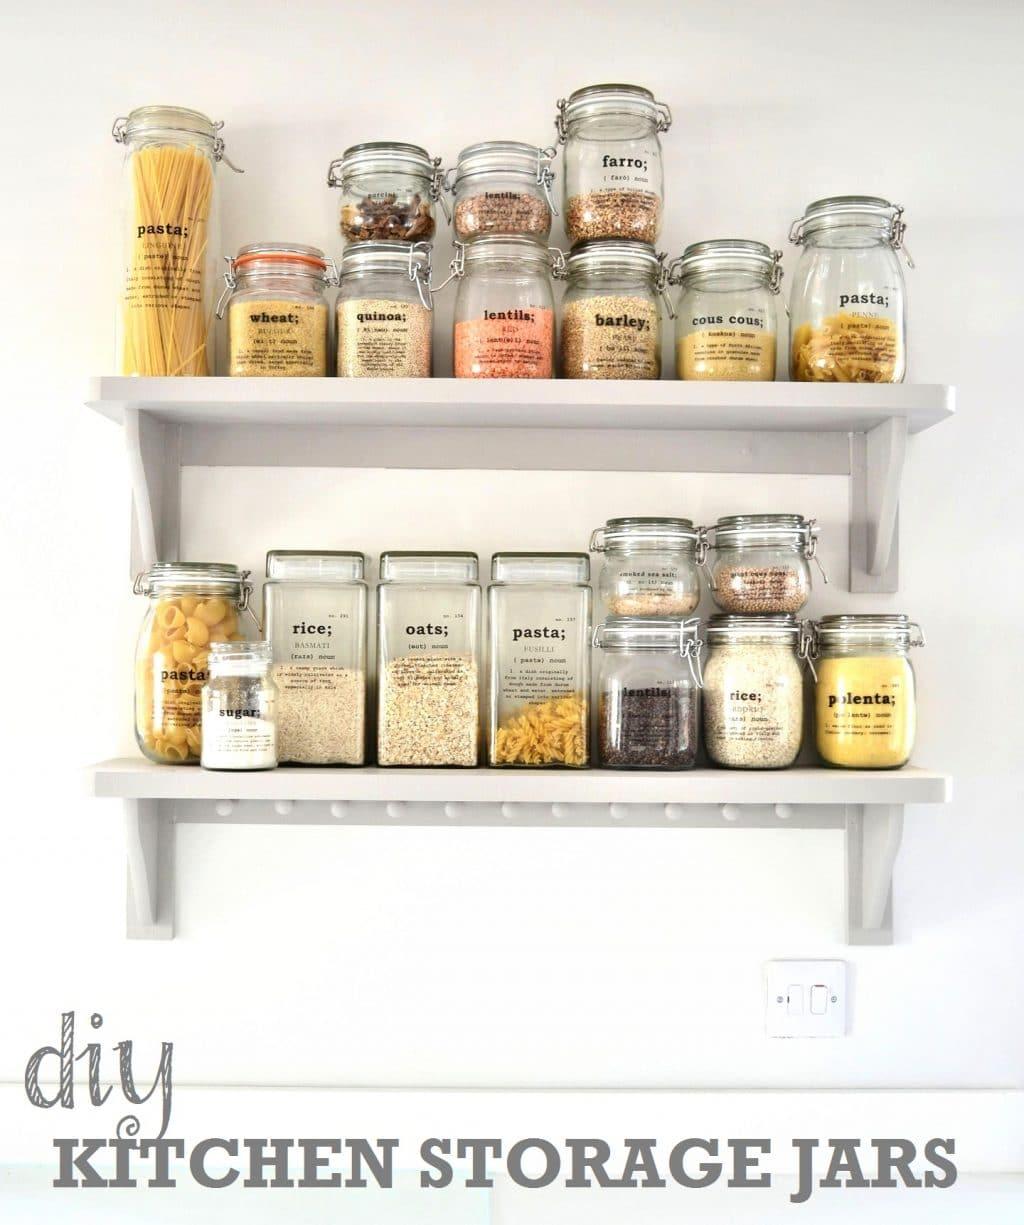 diy kitchen storage ideas getting organised in the kitchen diy kitchen ideas DIY Kitchen Storage Ideas Getting Organised in the Kitchen